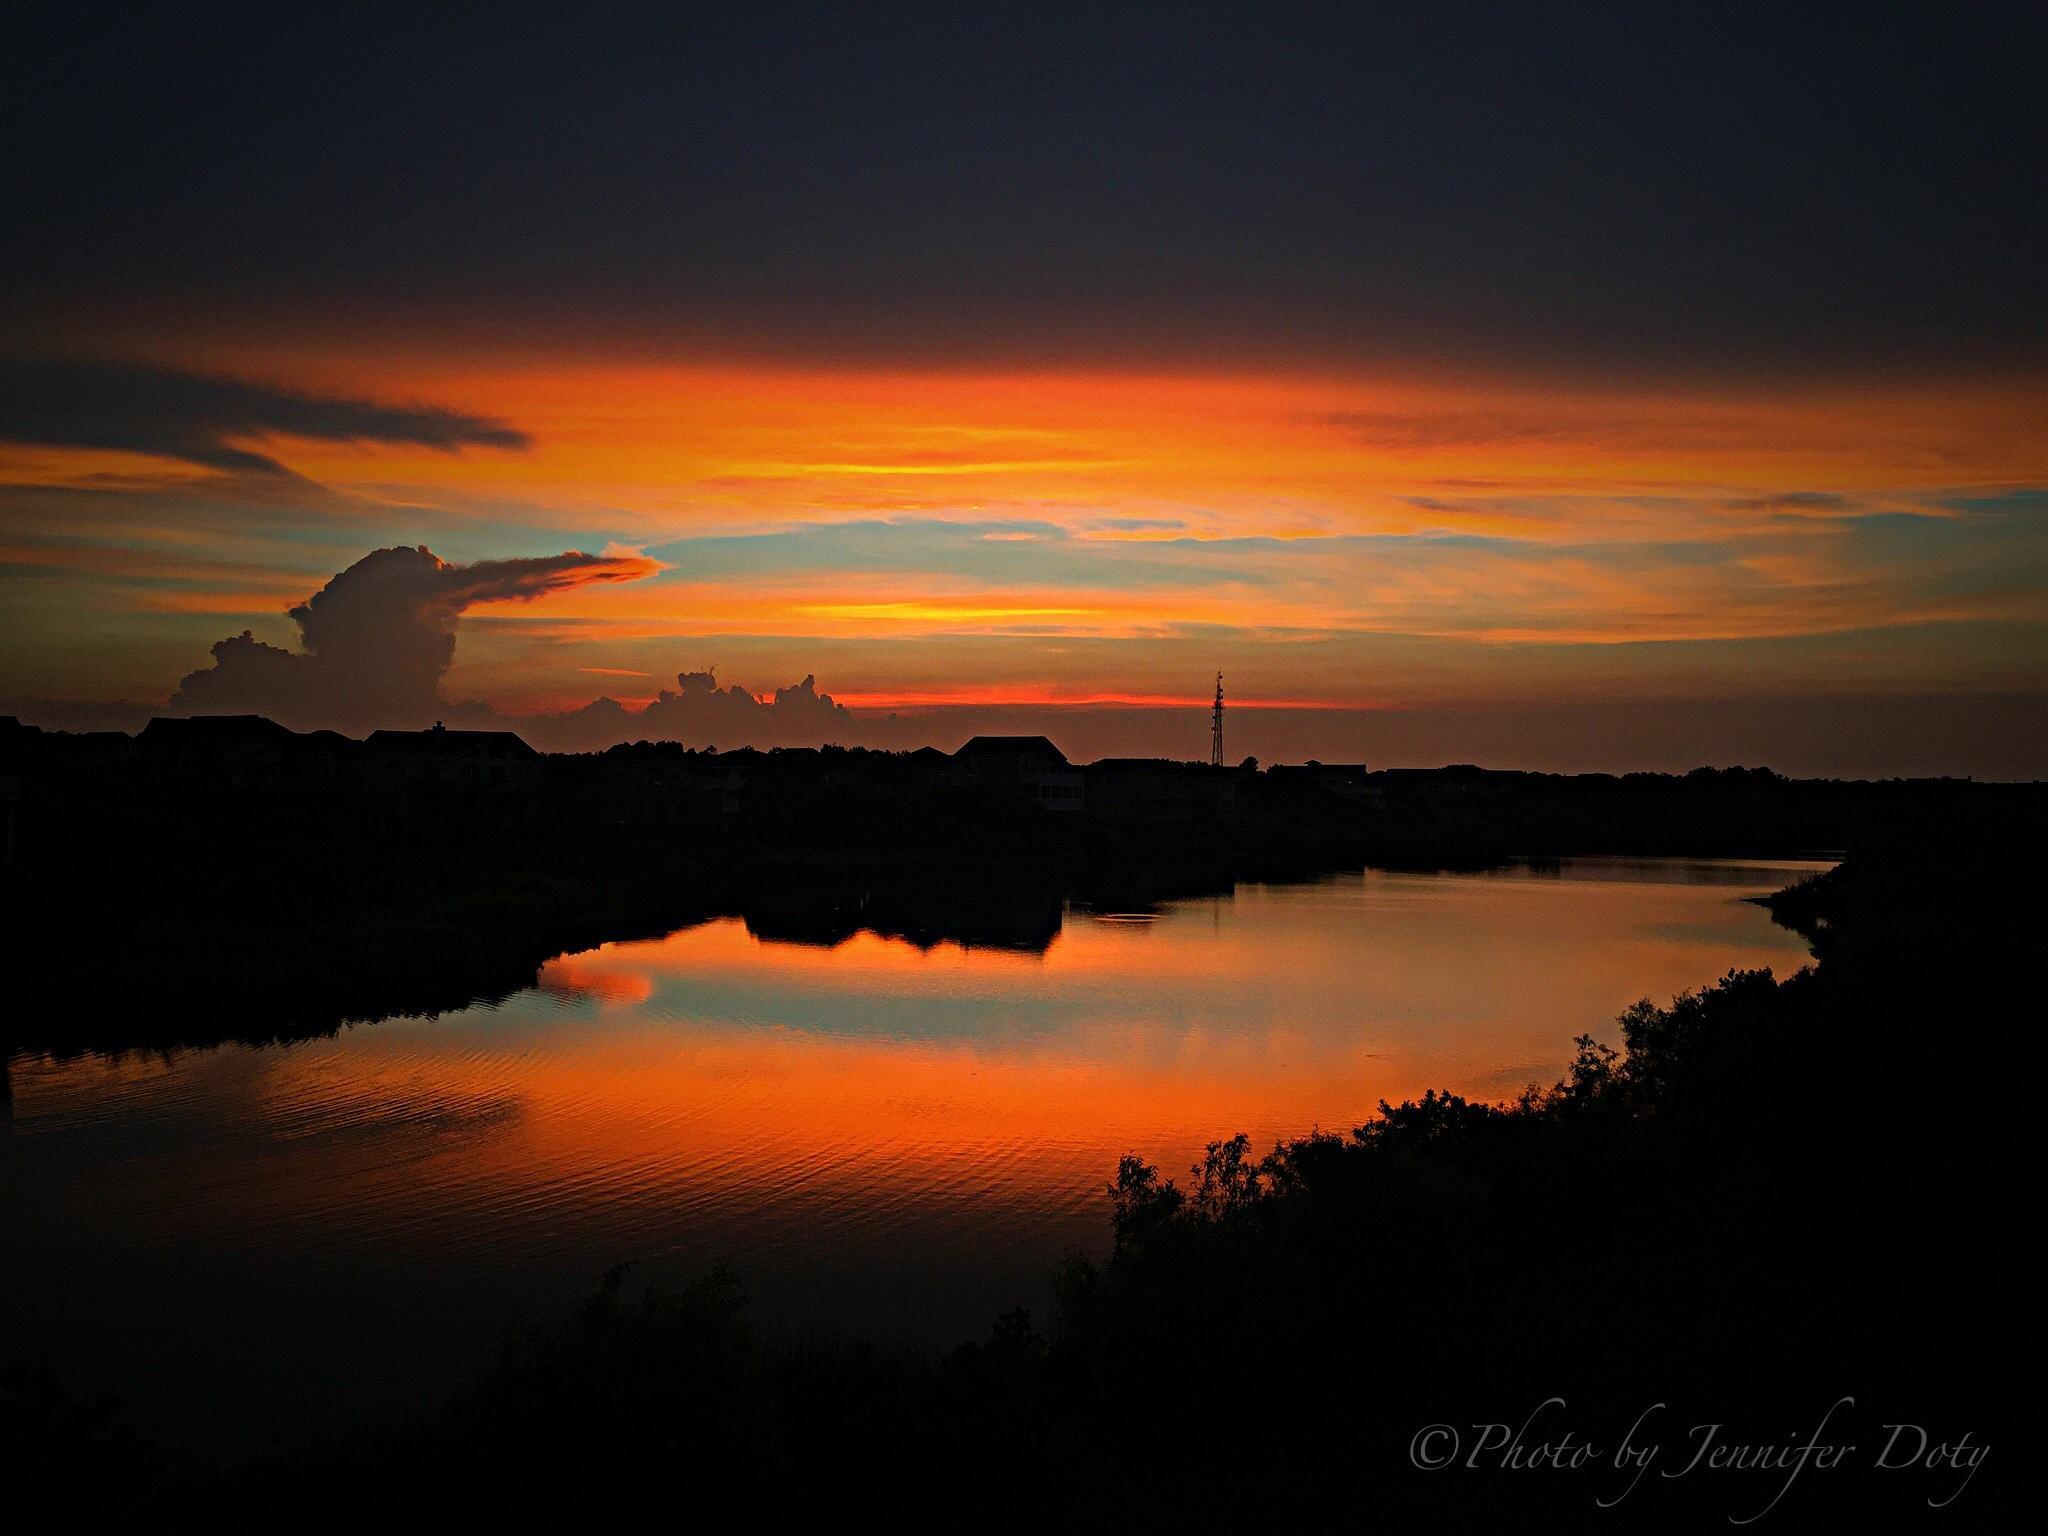 Sunset over neighborhood lake - Corolla, North Carolina  by Jennifer Doty